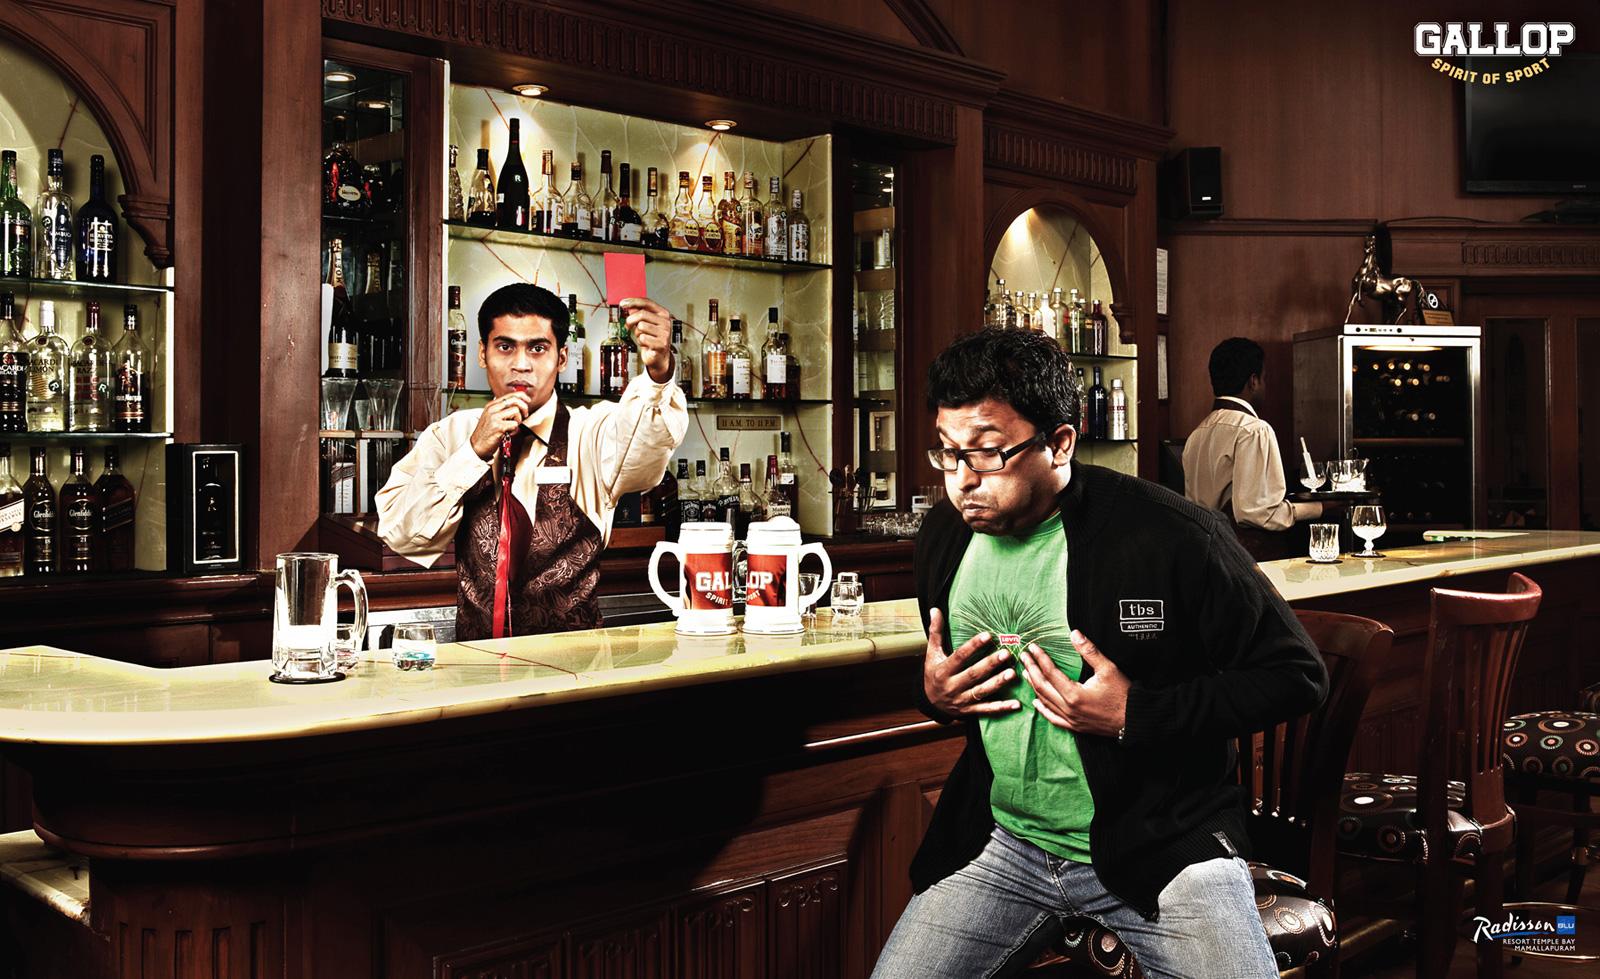 Креативные картинки для рекламы кафе